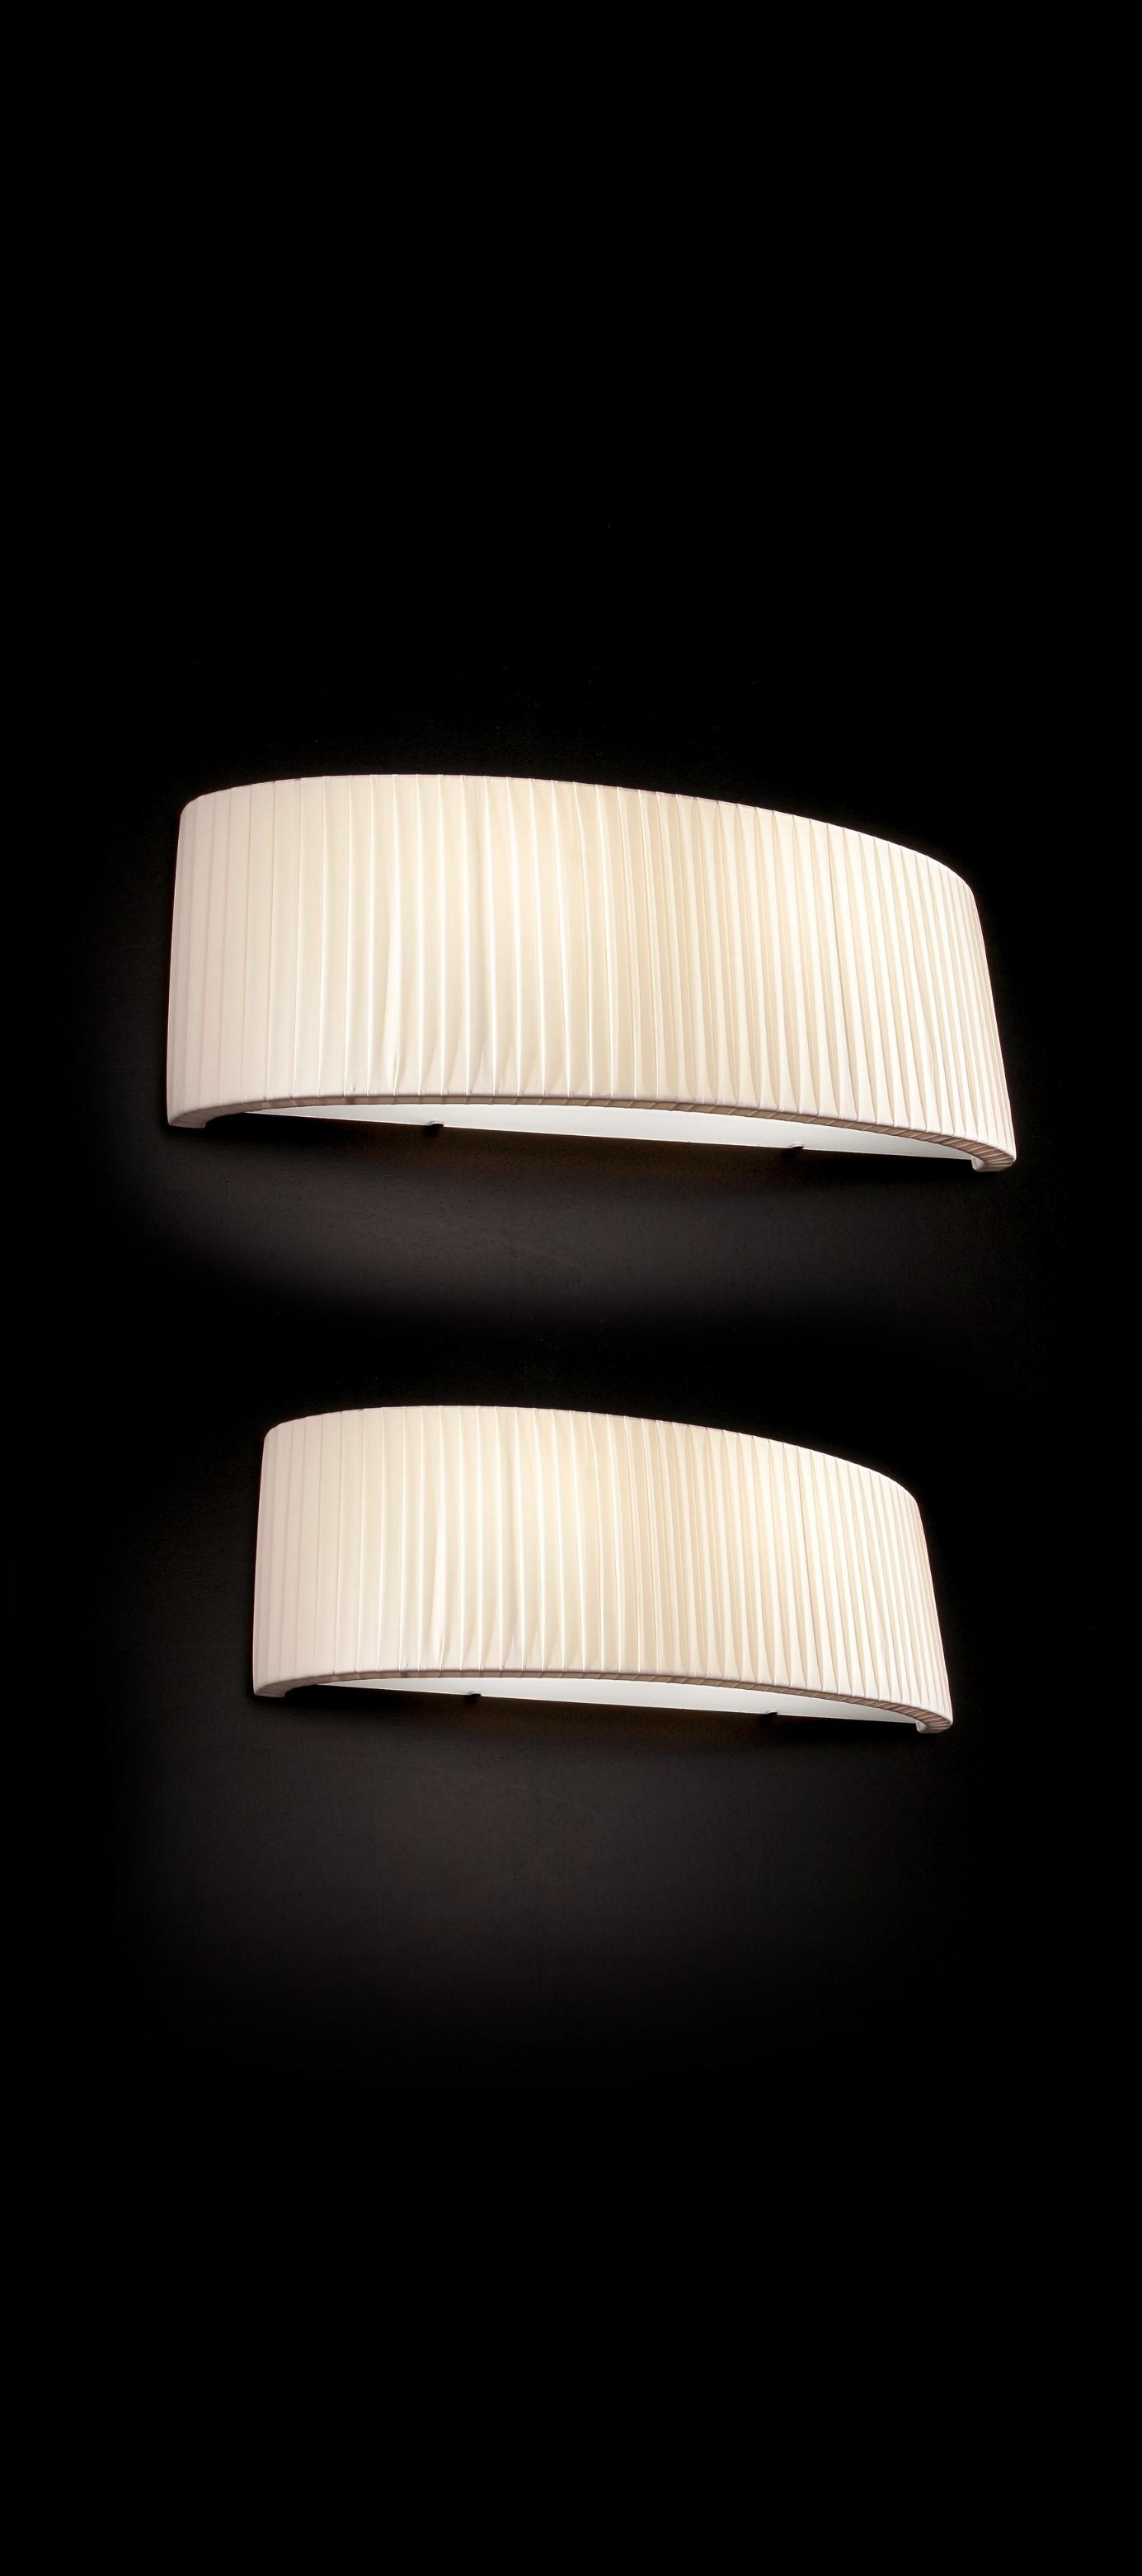 ELISSE Stilvolle Lampen In Der Wand Dekorationen